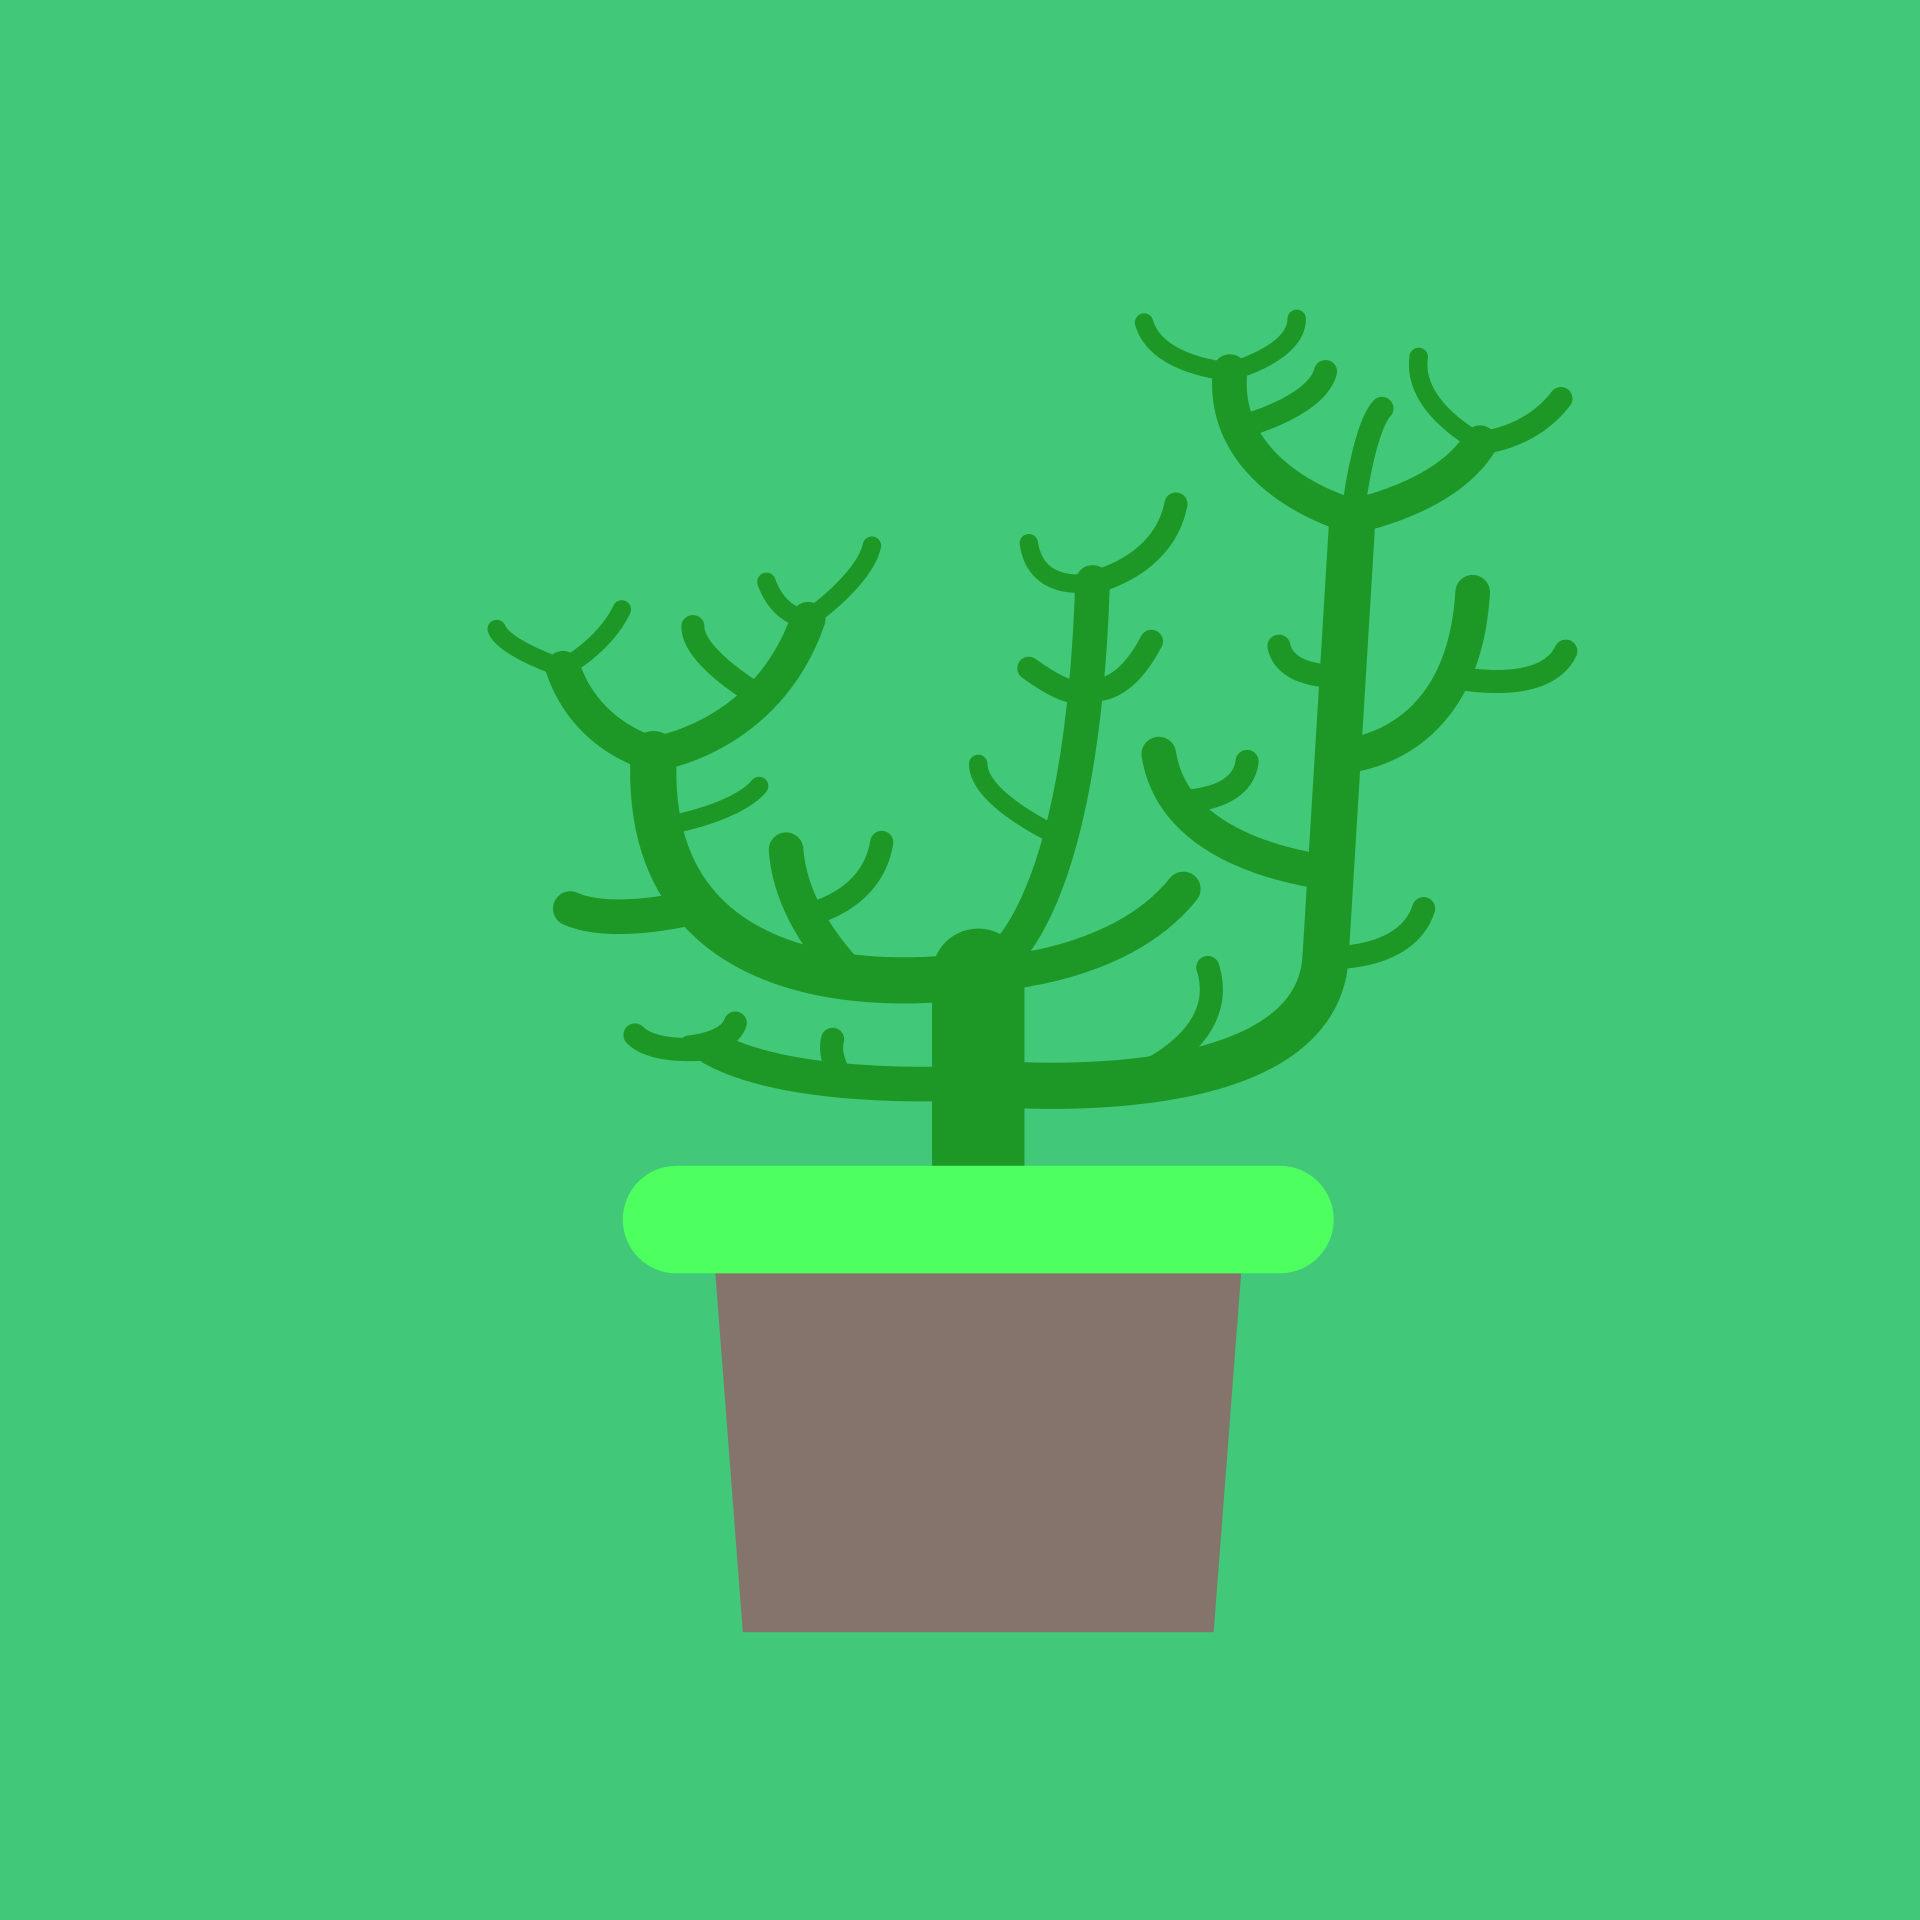 planta, maceta, cactus, verde, marrón - Fondos de Pantalla HD - professor-falken.com